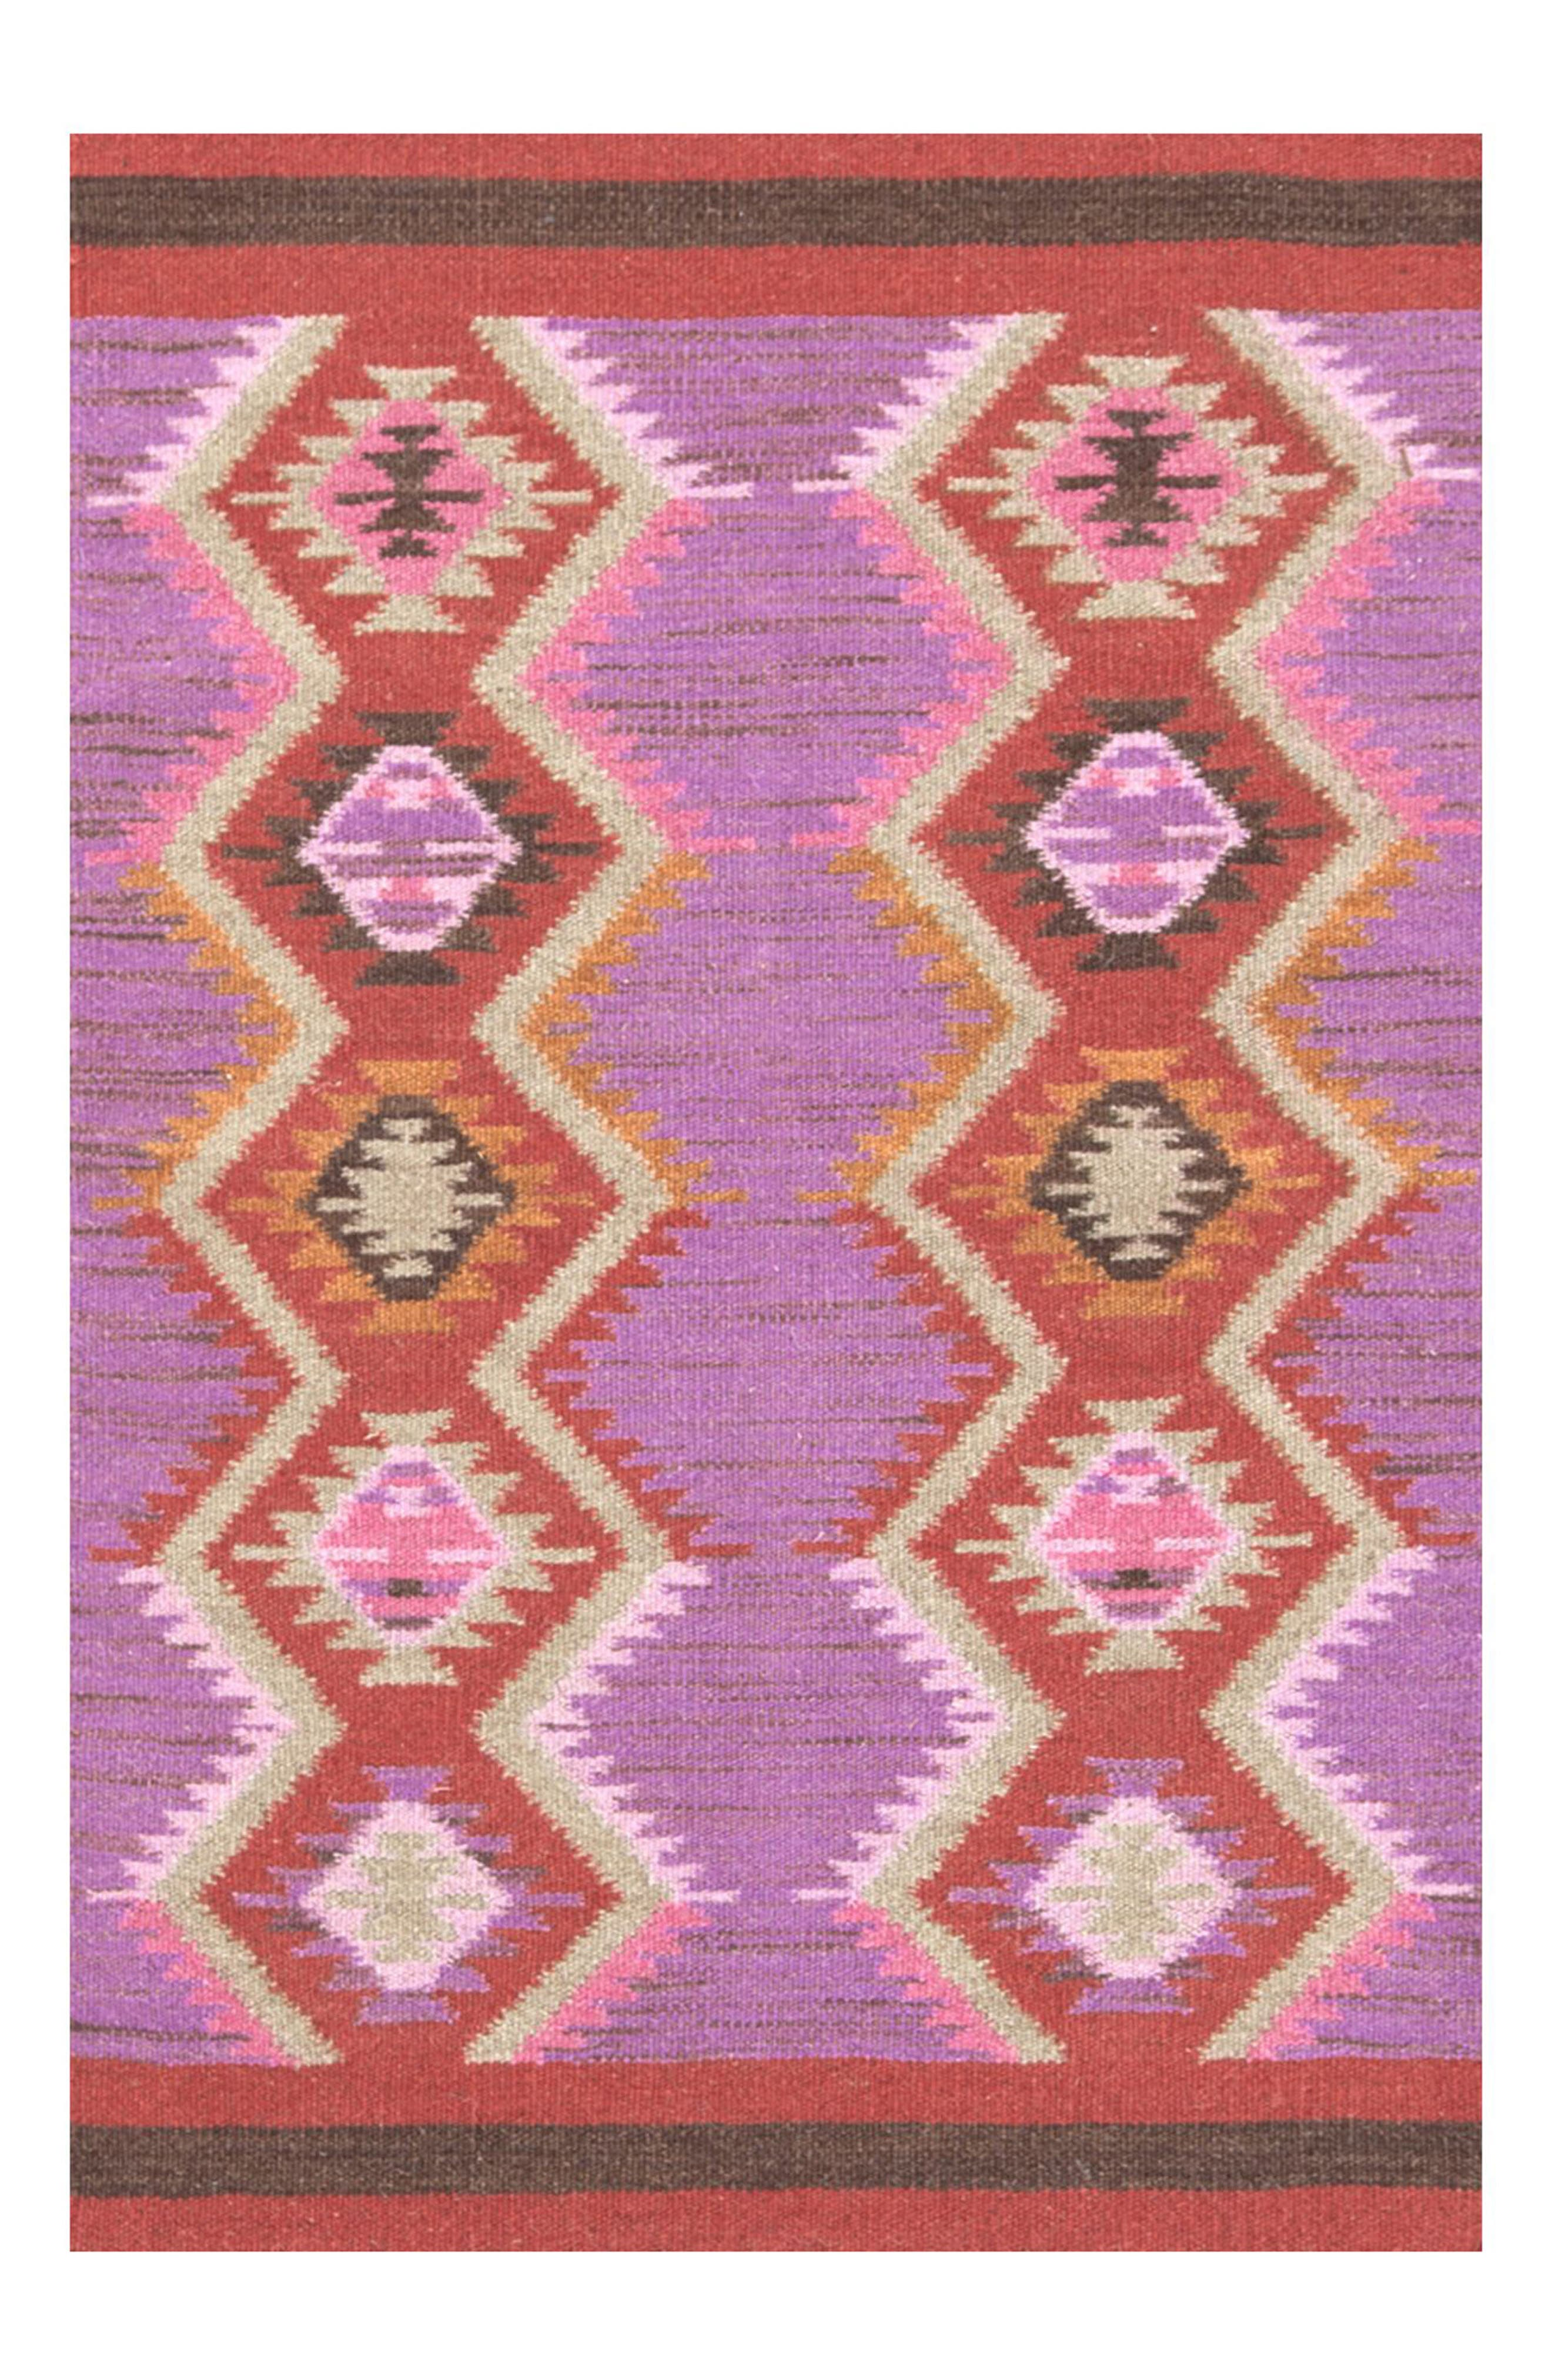 Rhapsody Wool Blend Rug,                         Main,                         color, PINK